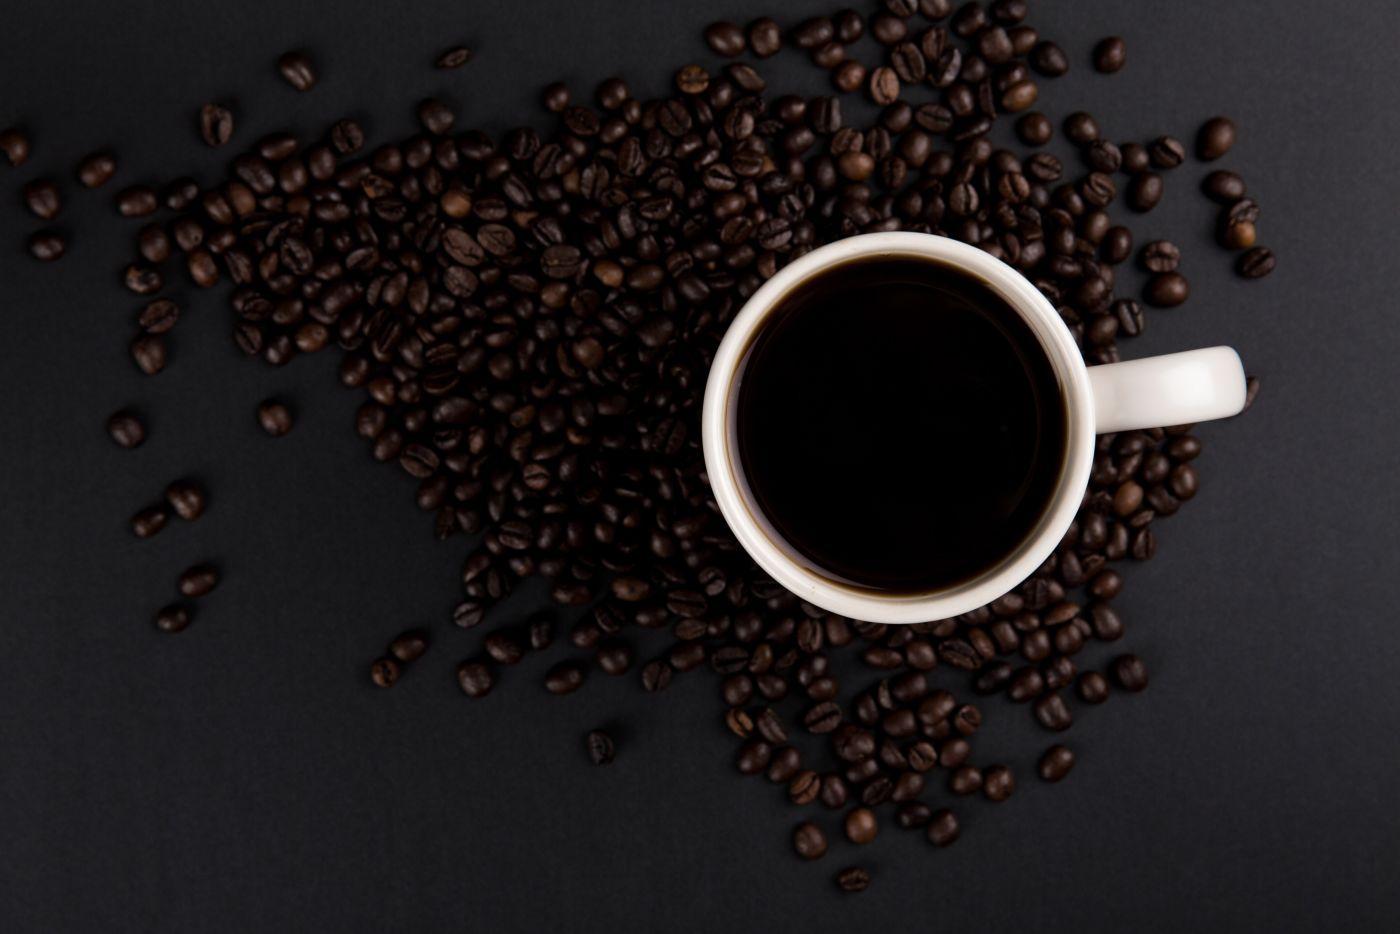 高清晰白色杯子与咖啡豆壁纸封面大图